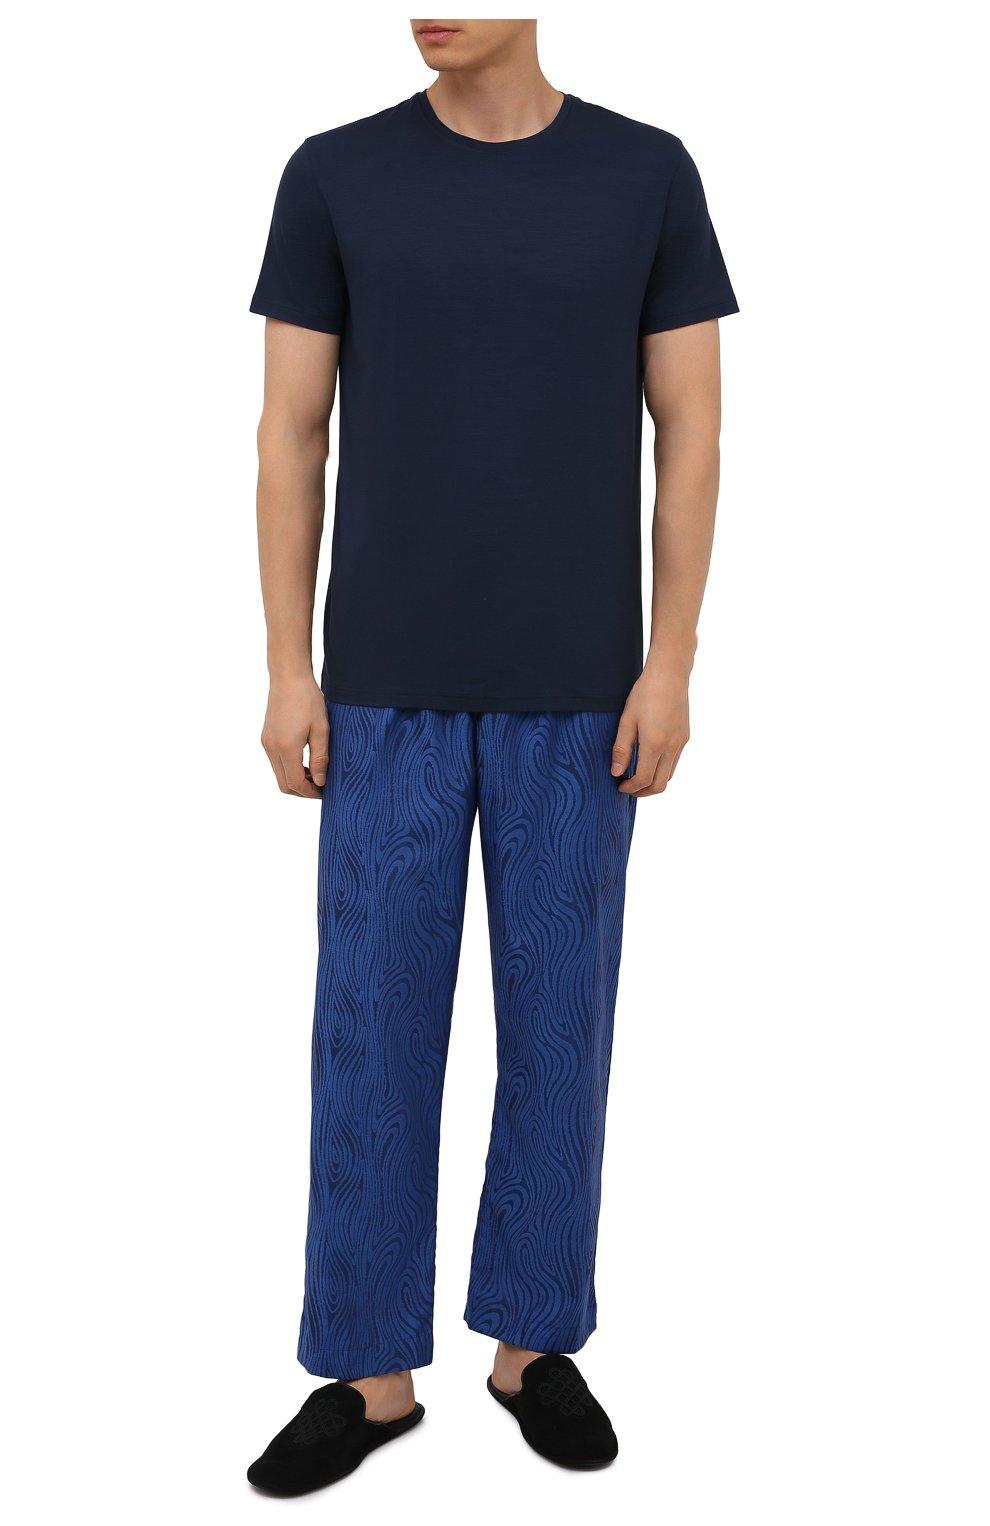 Мужские хлопковые домашние брюки DEREK ROSE синего цвета, арт. 3564-PARI020 | Фото 2 (Длина (брюки, джинсы): Стандартные; Кросс-КТ: домашняя одежда; Мужское Кросс-КТ: Брюки-белье; Материал внешний: Хлопок)